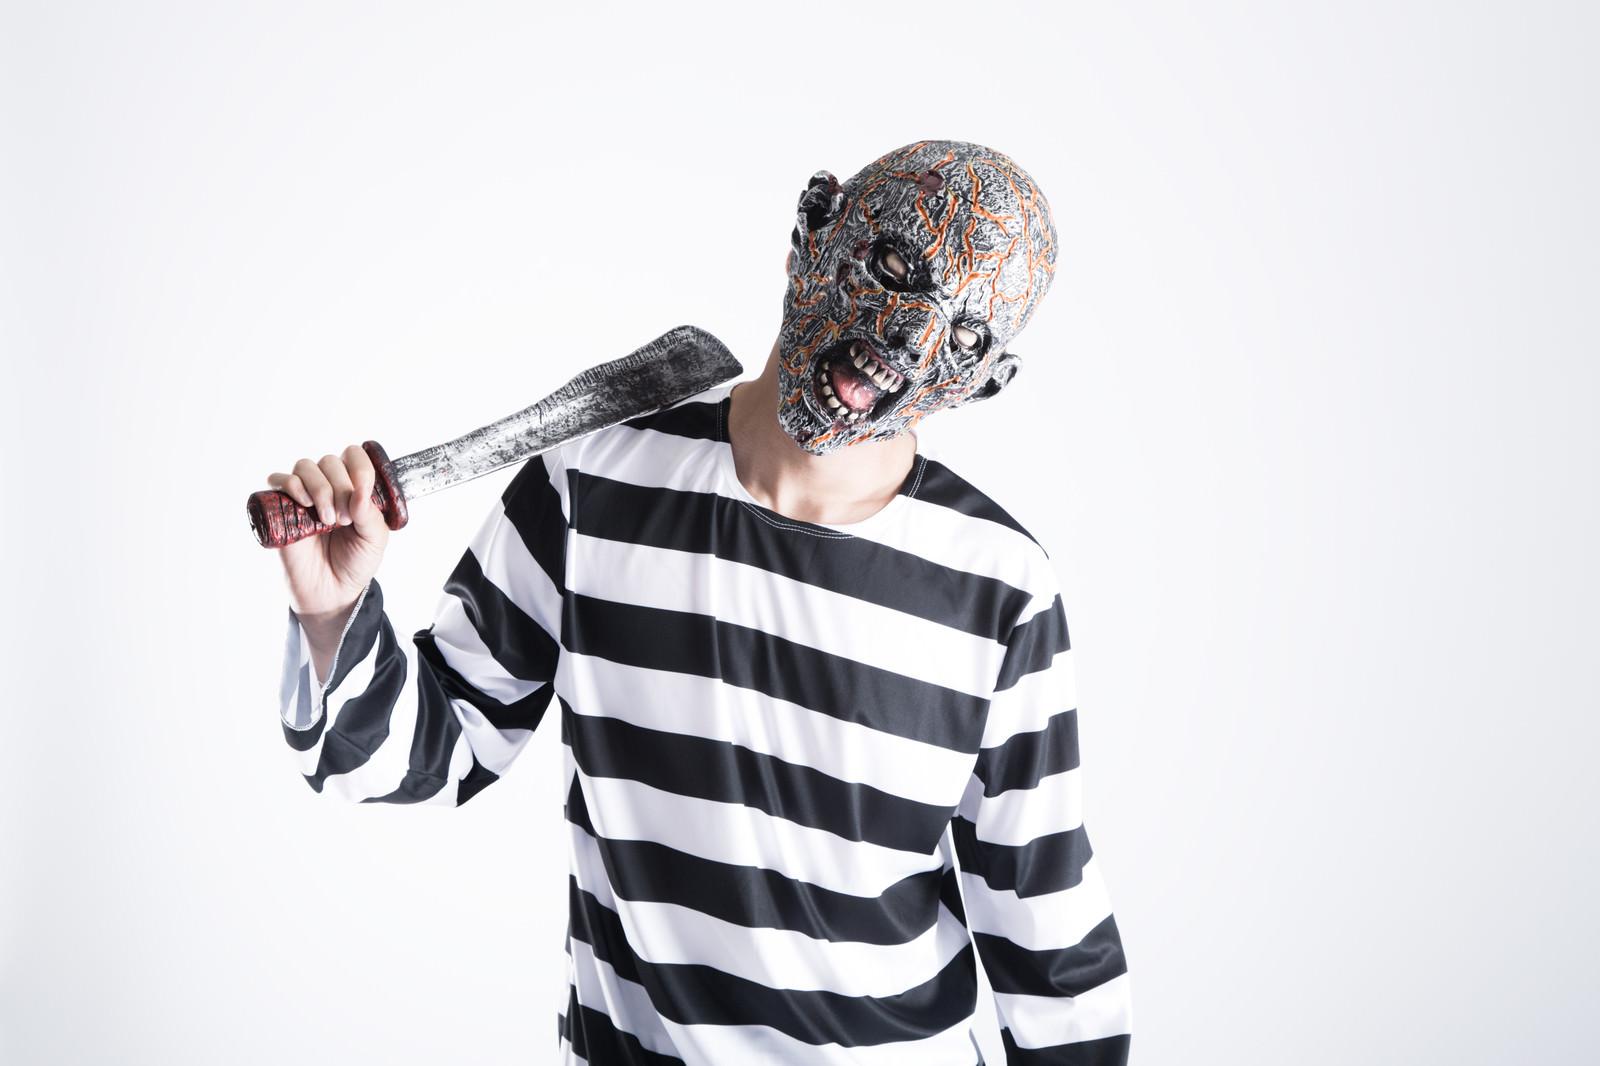 「錆びた刀でセルフ肩叩きをするクリーチャー」の写真[モデル:大川竜弥]